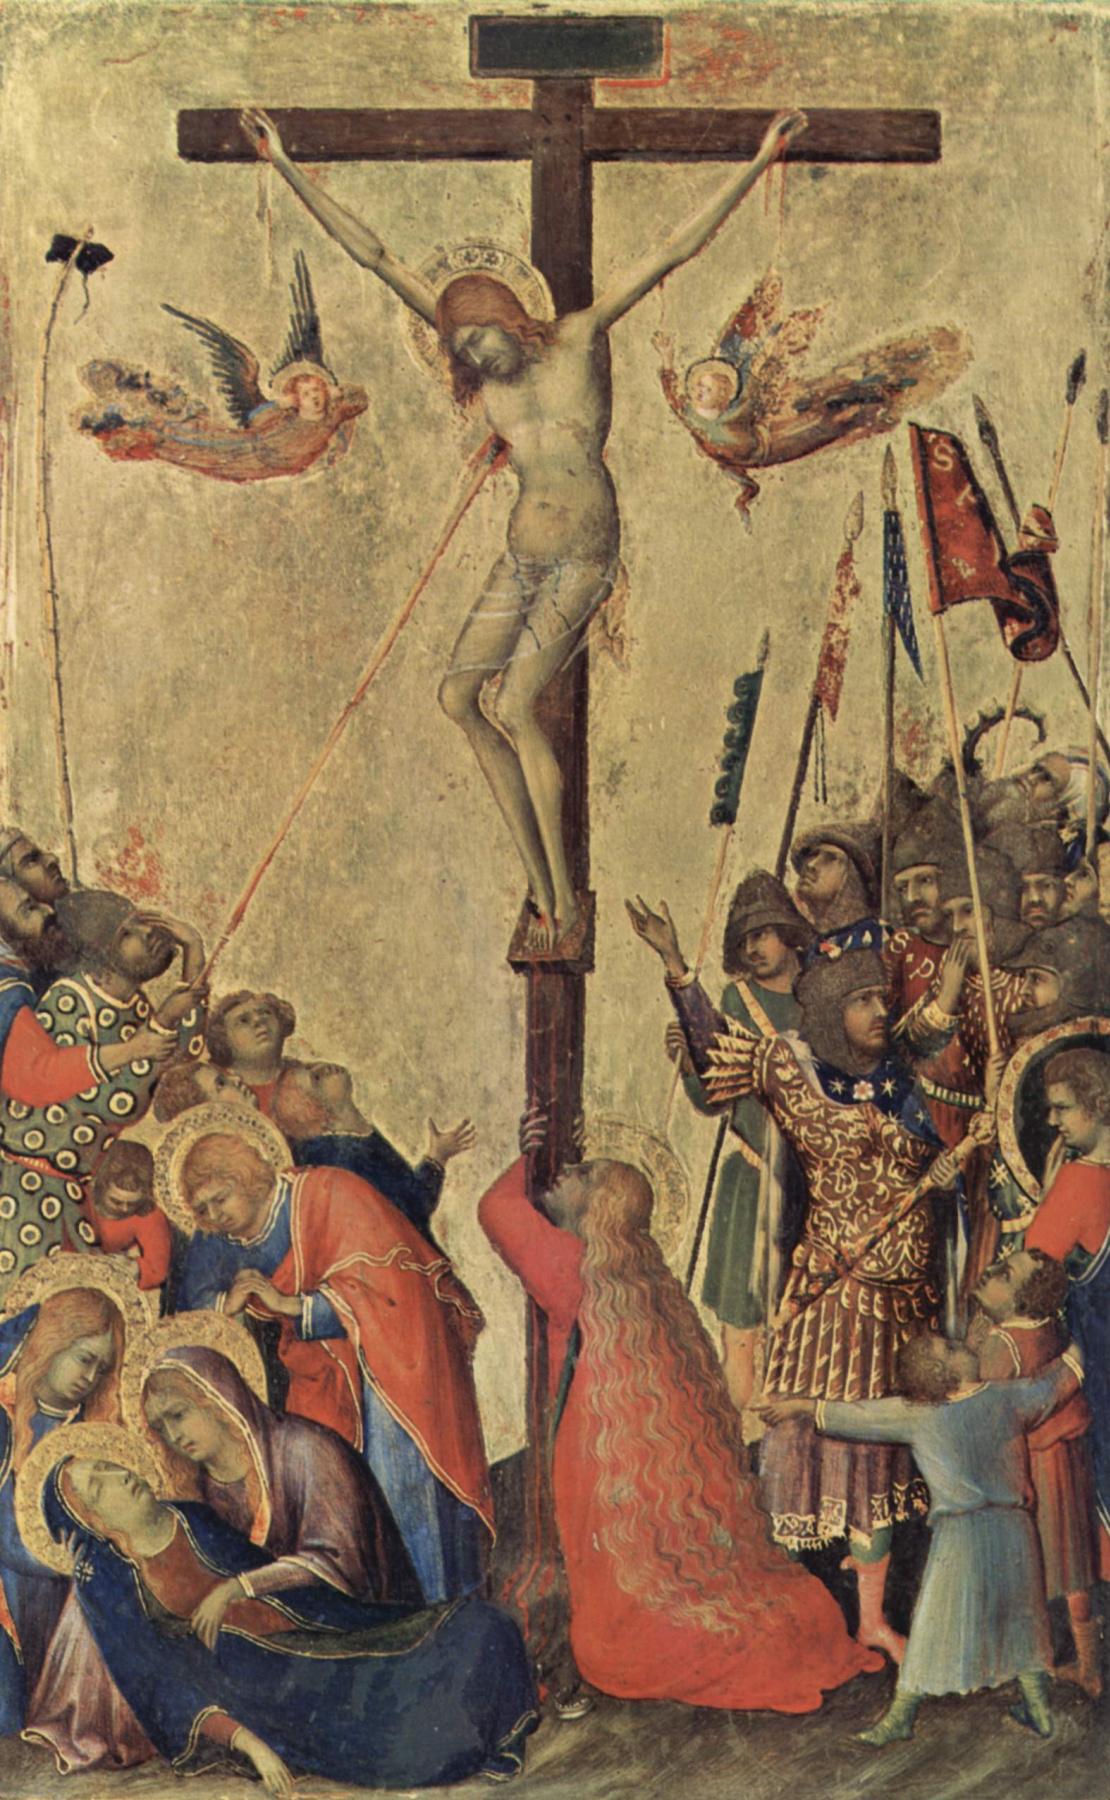 Simone Martini. The Altar Orsini. The crucifixion